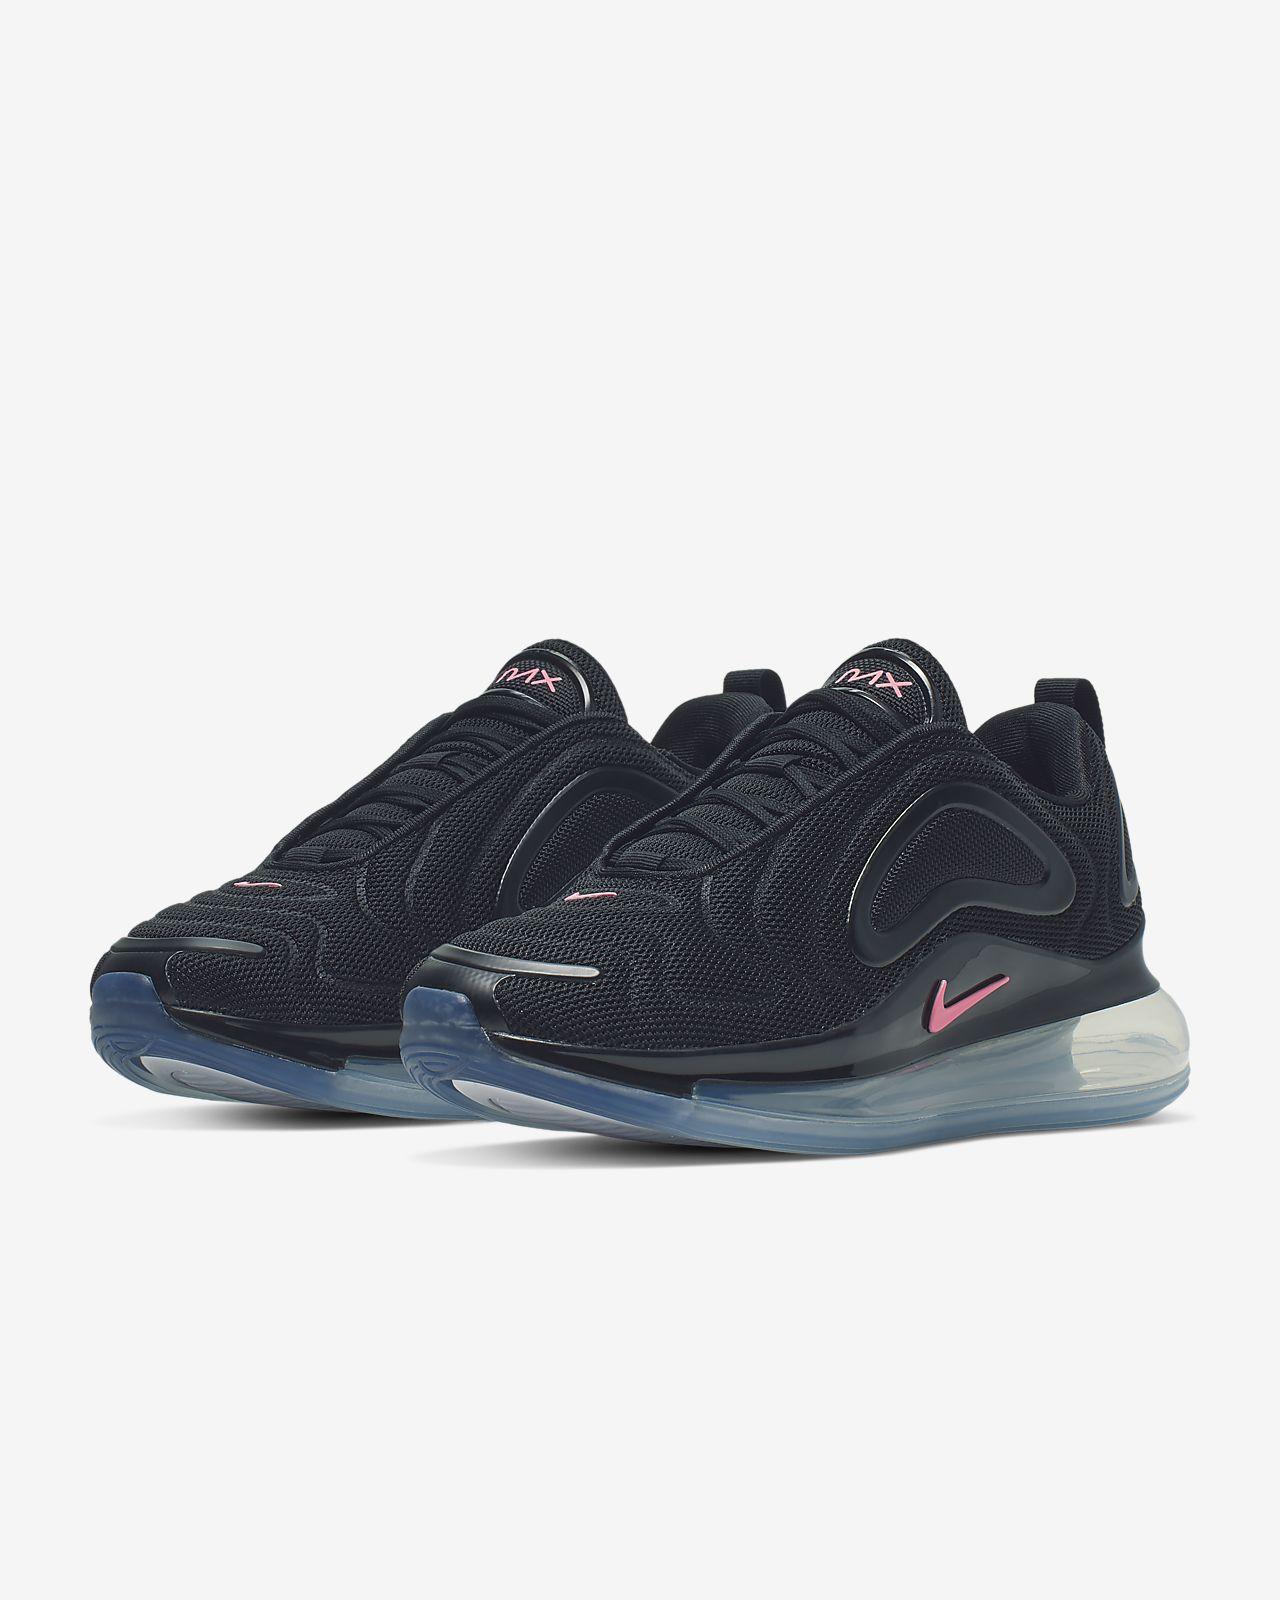 Nike Women Air Max 95 Black Black Patent Upper Material